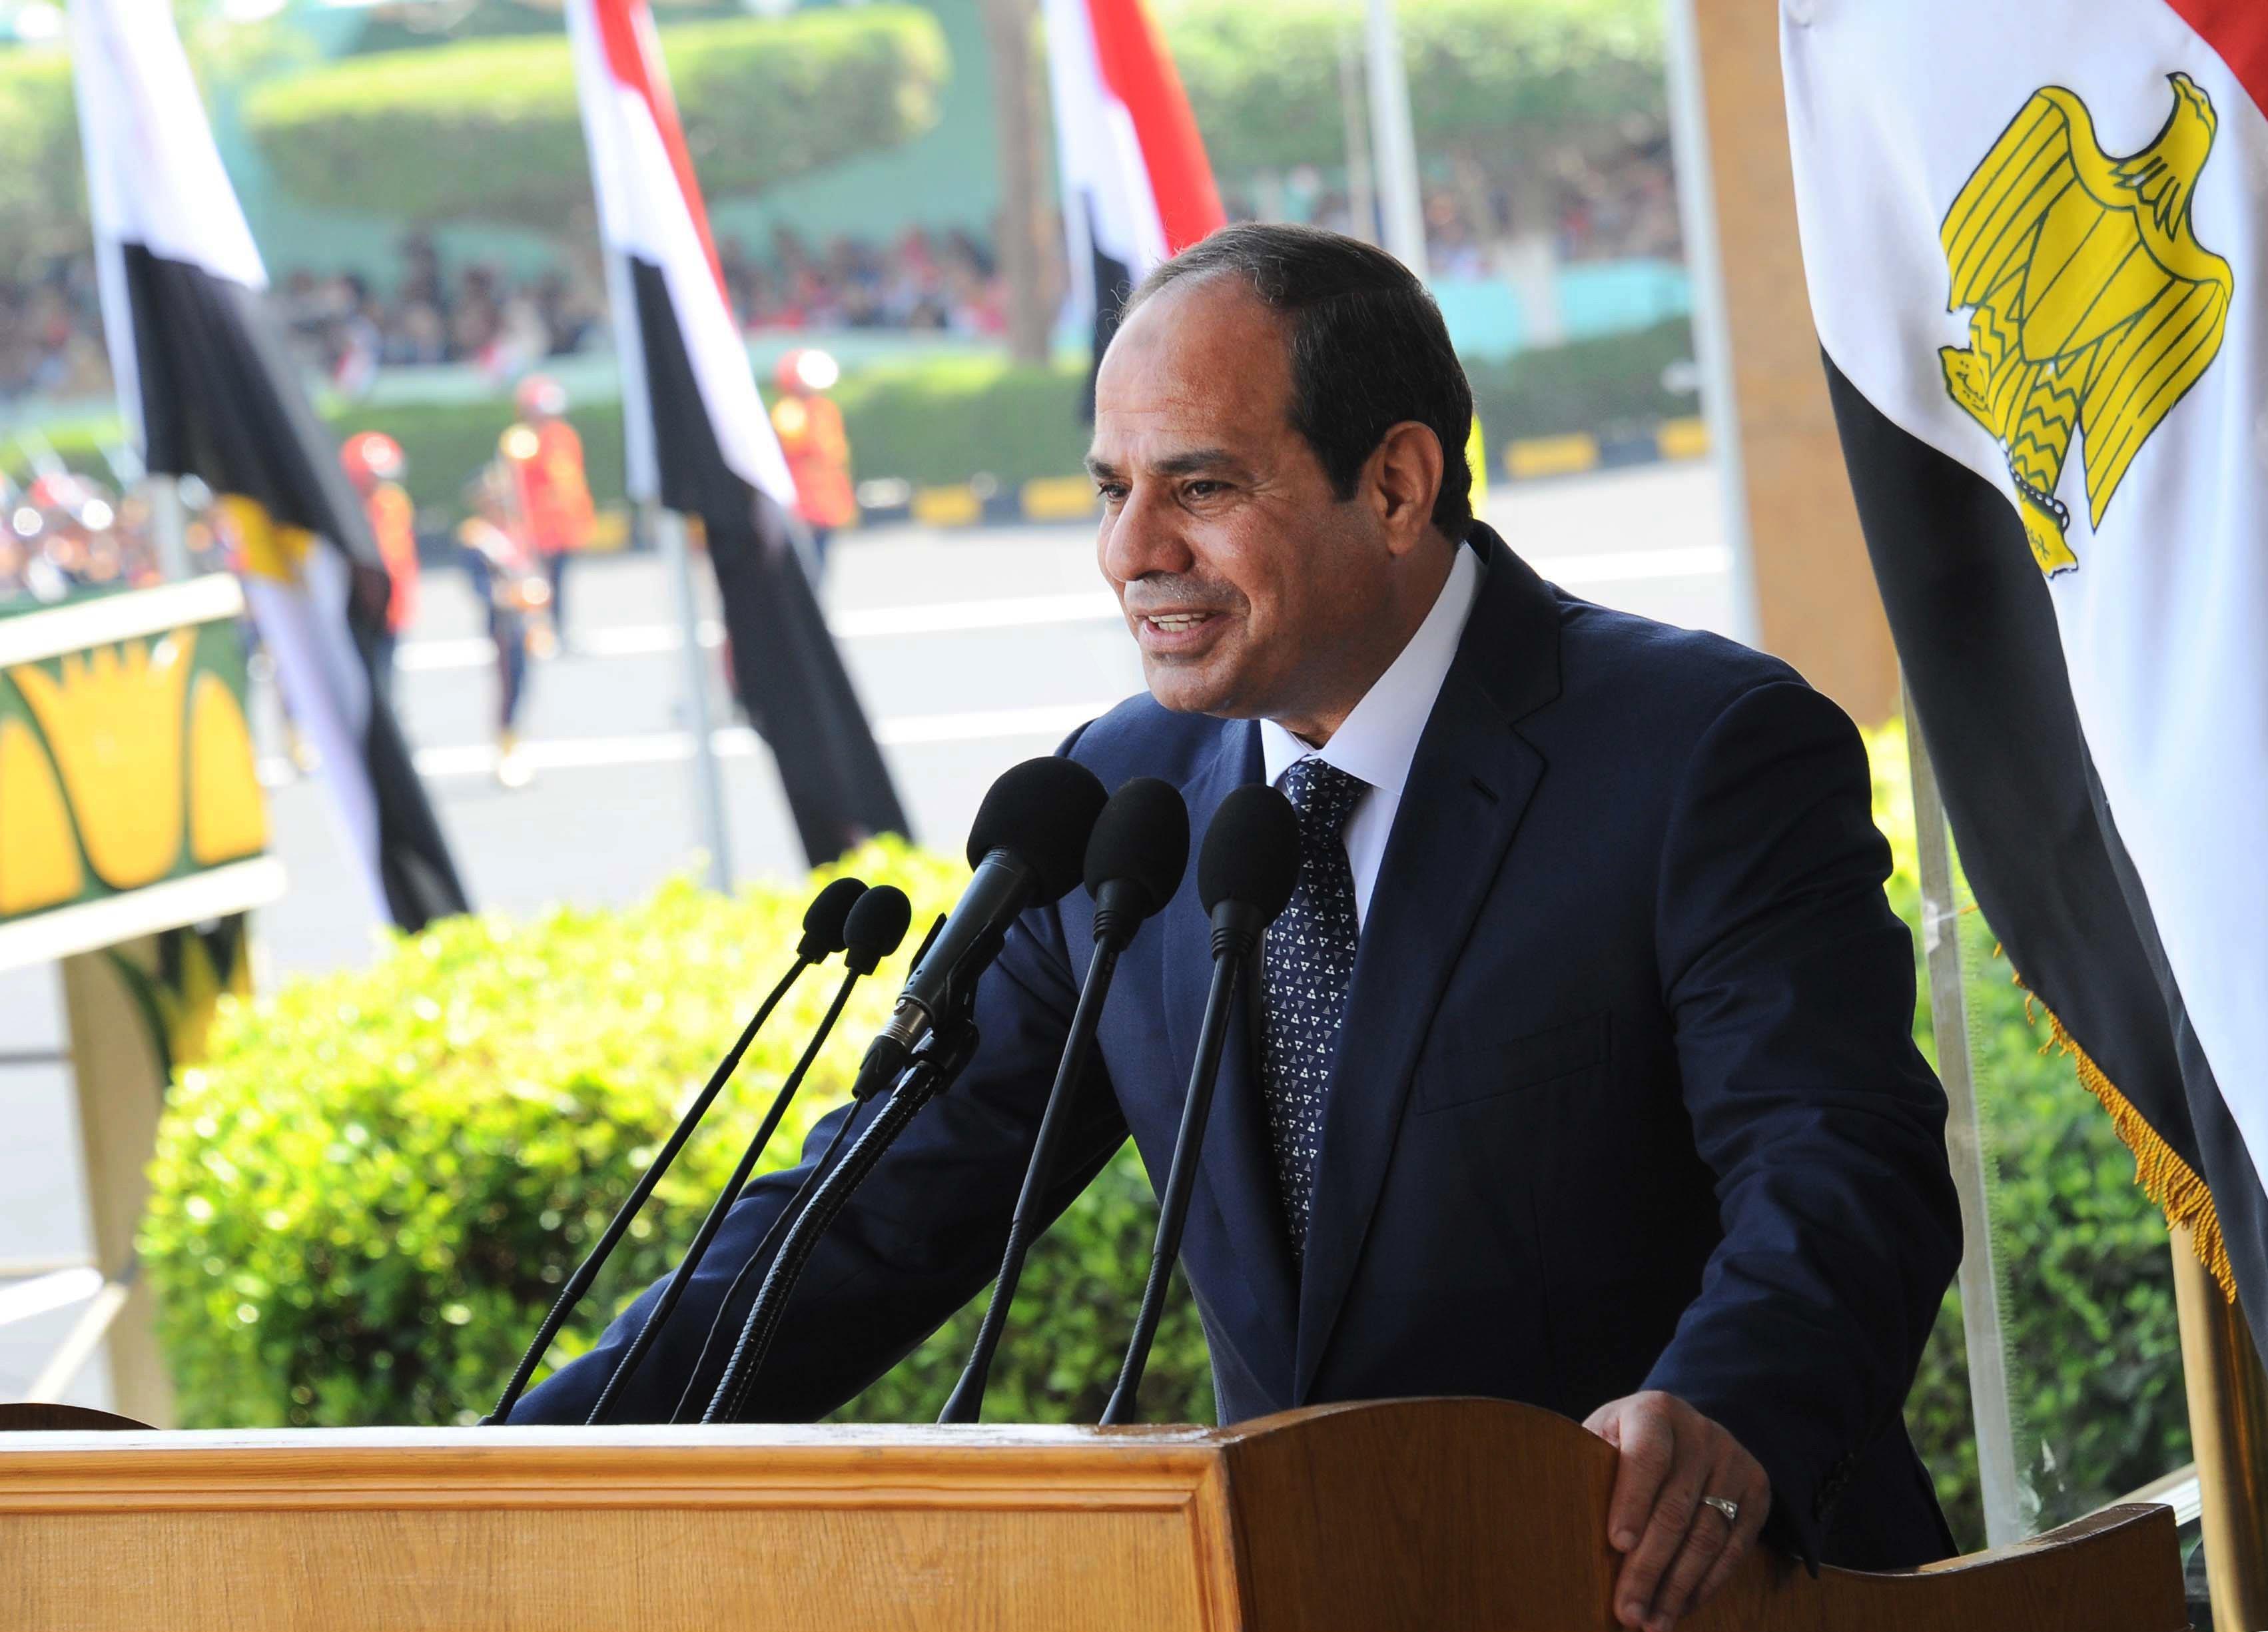 Image: Abdel-Fattah el-Sissi